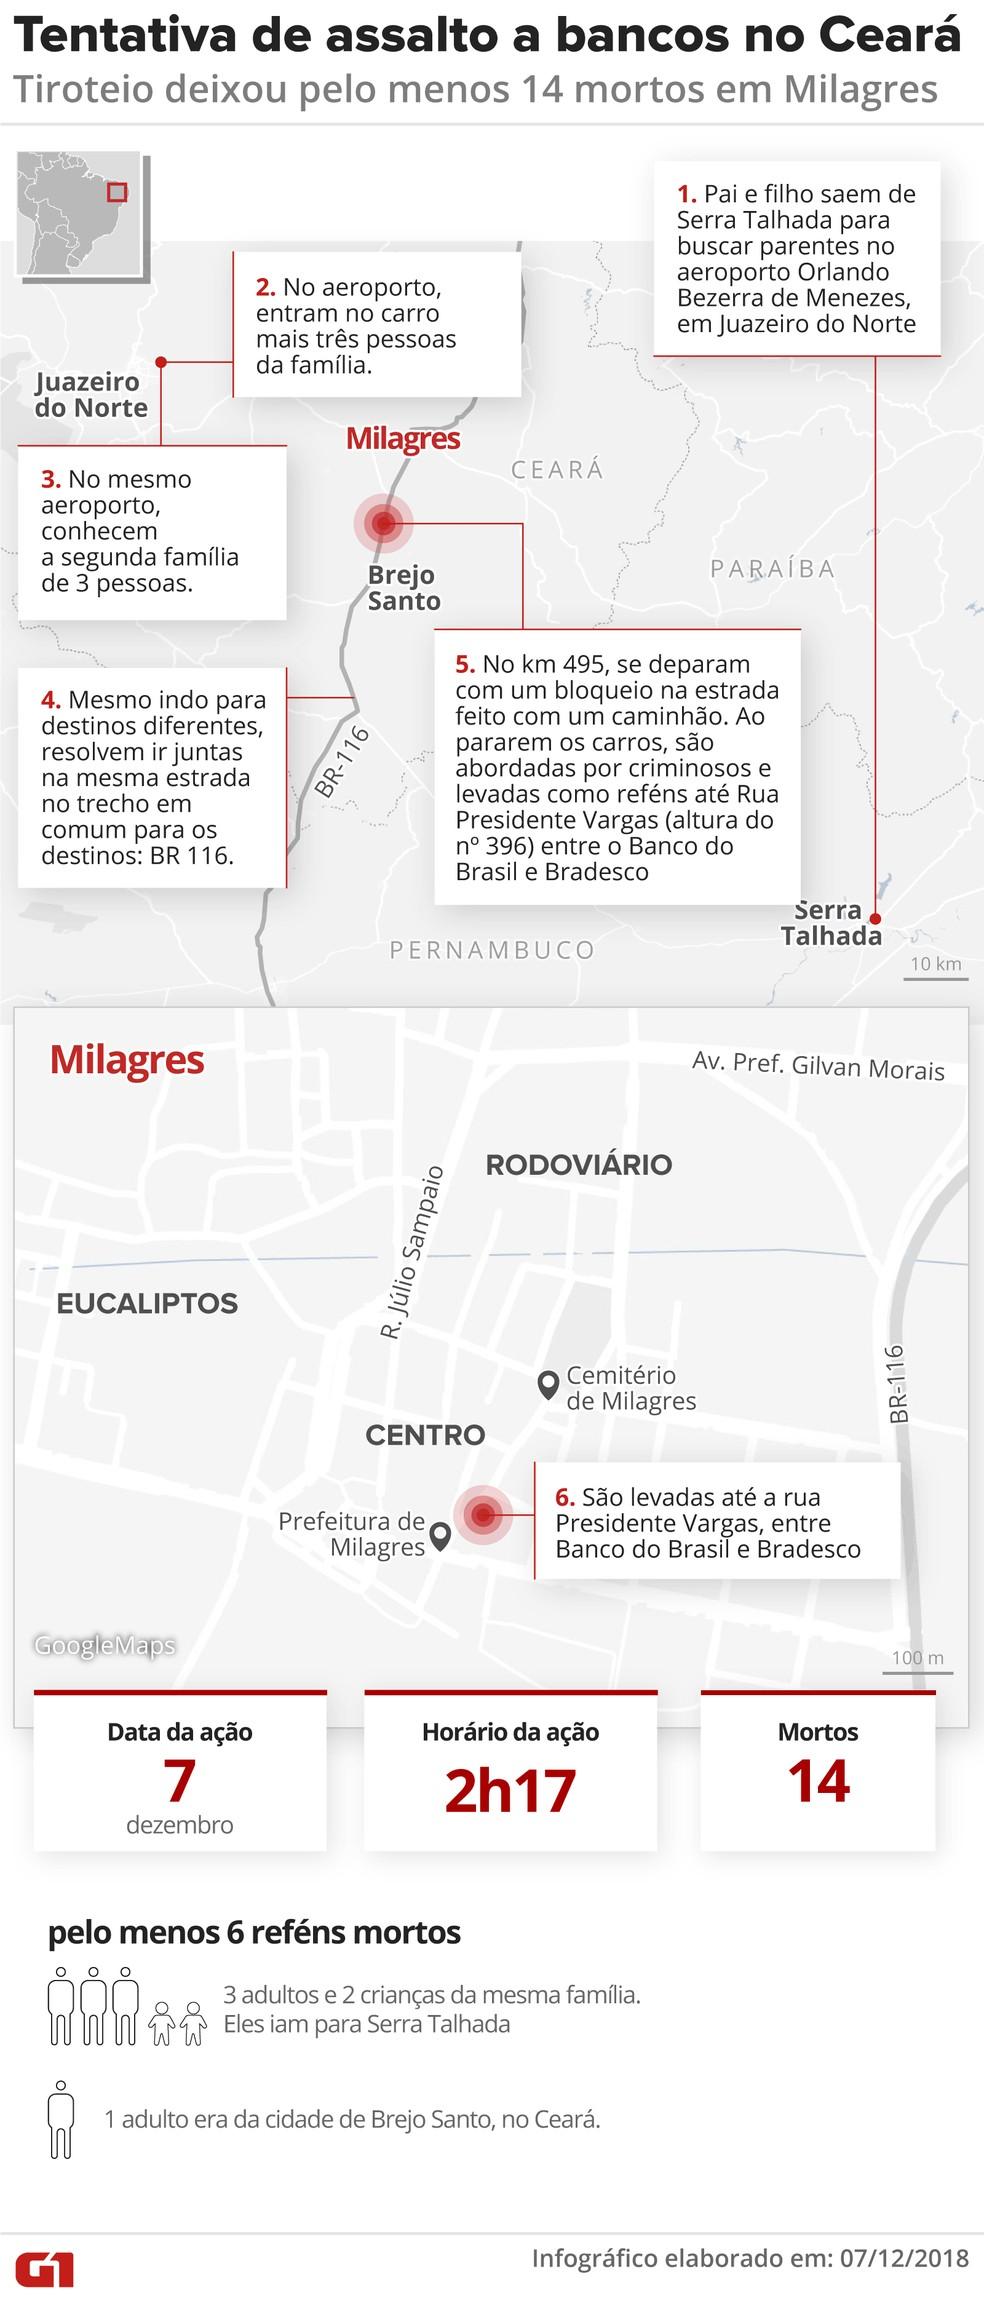 Tentativa de ataque a banco deixa 14 mortos em Milagres, no interior do Ceará — Foto: Alexandre Mauro/Arte G1